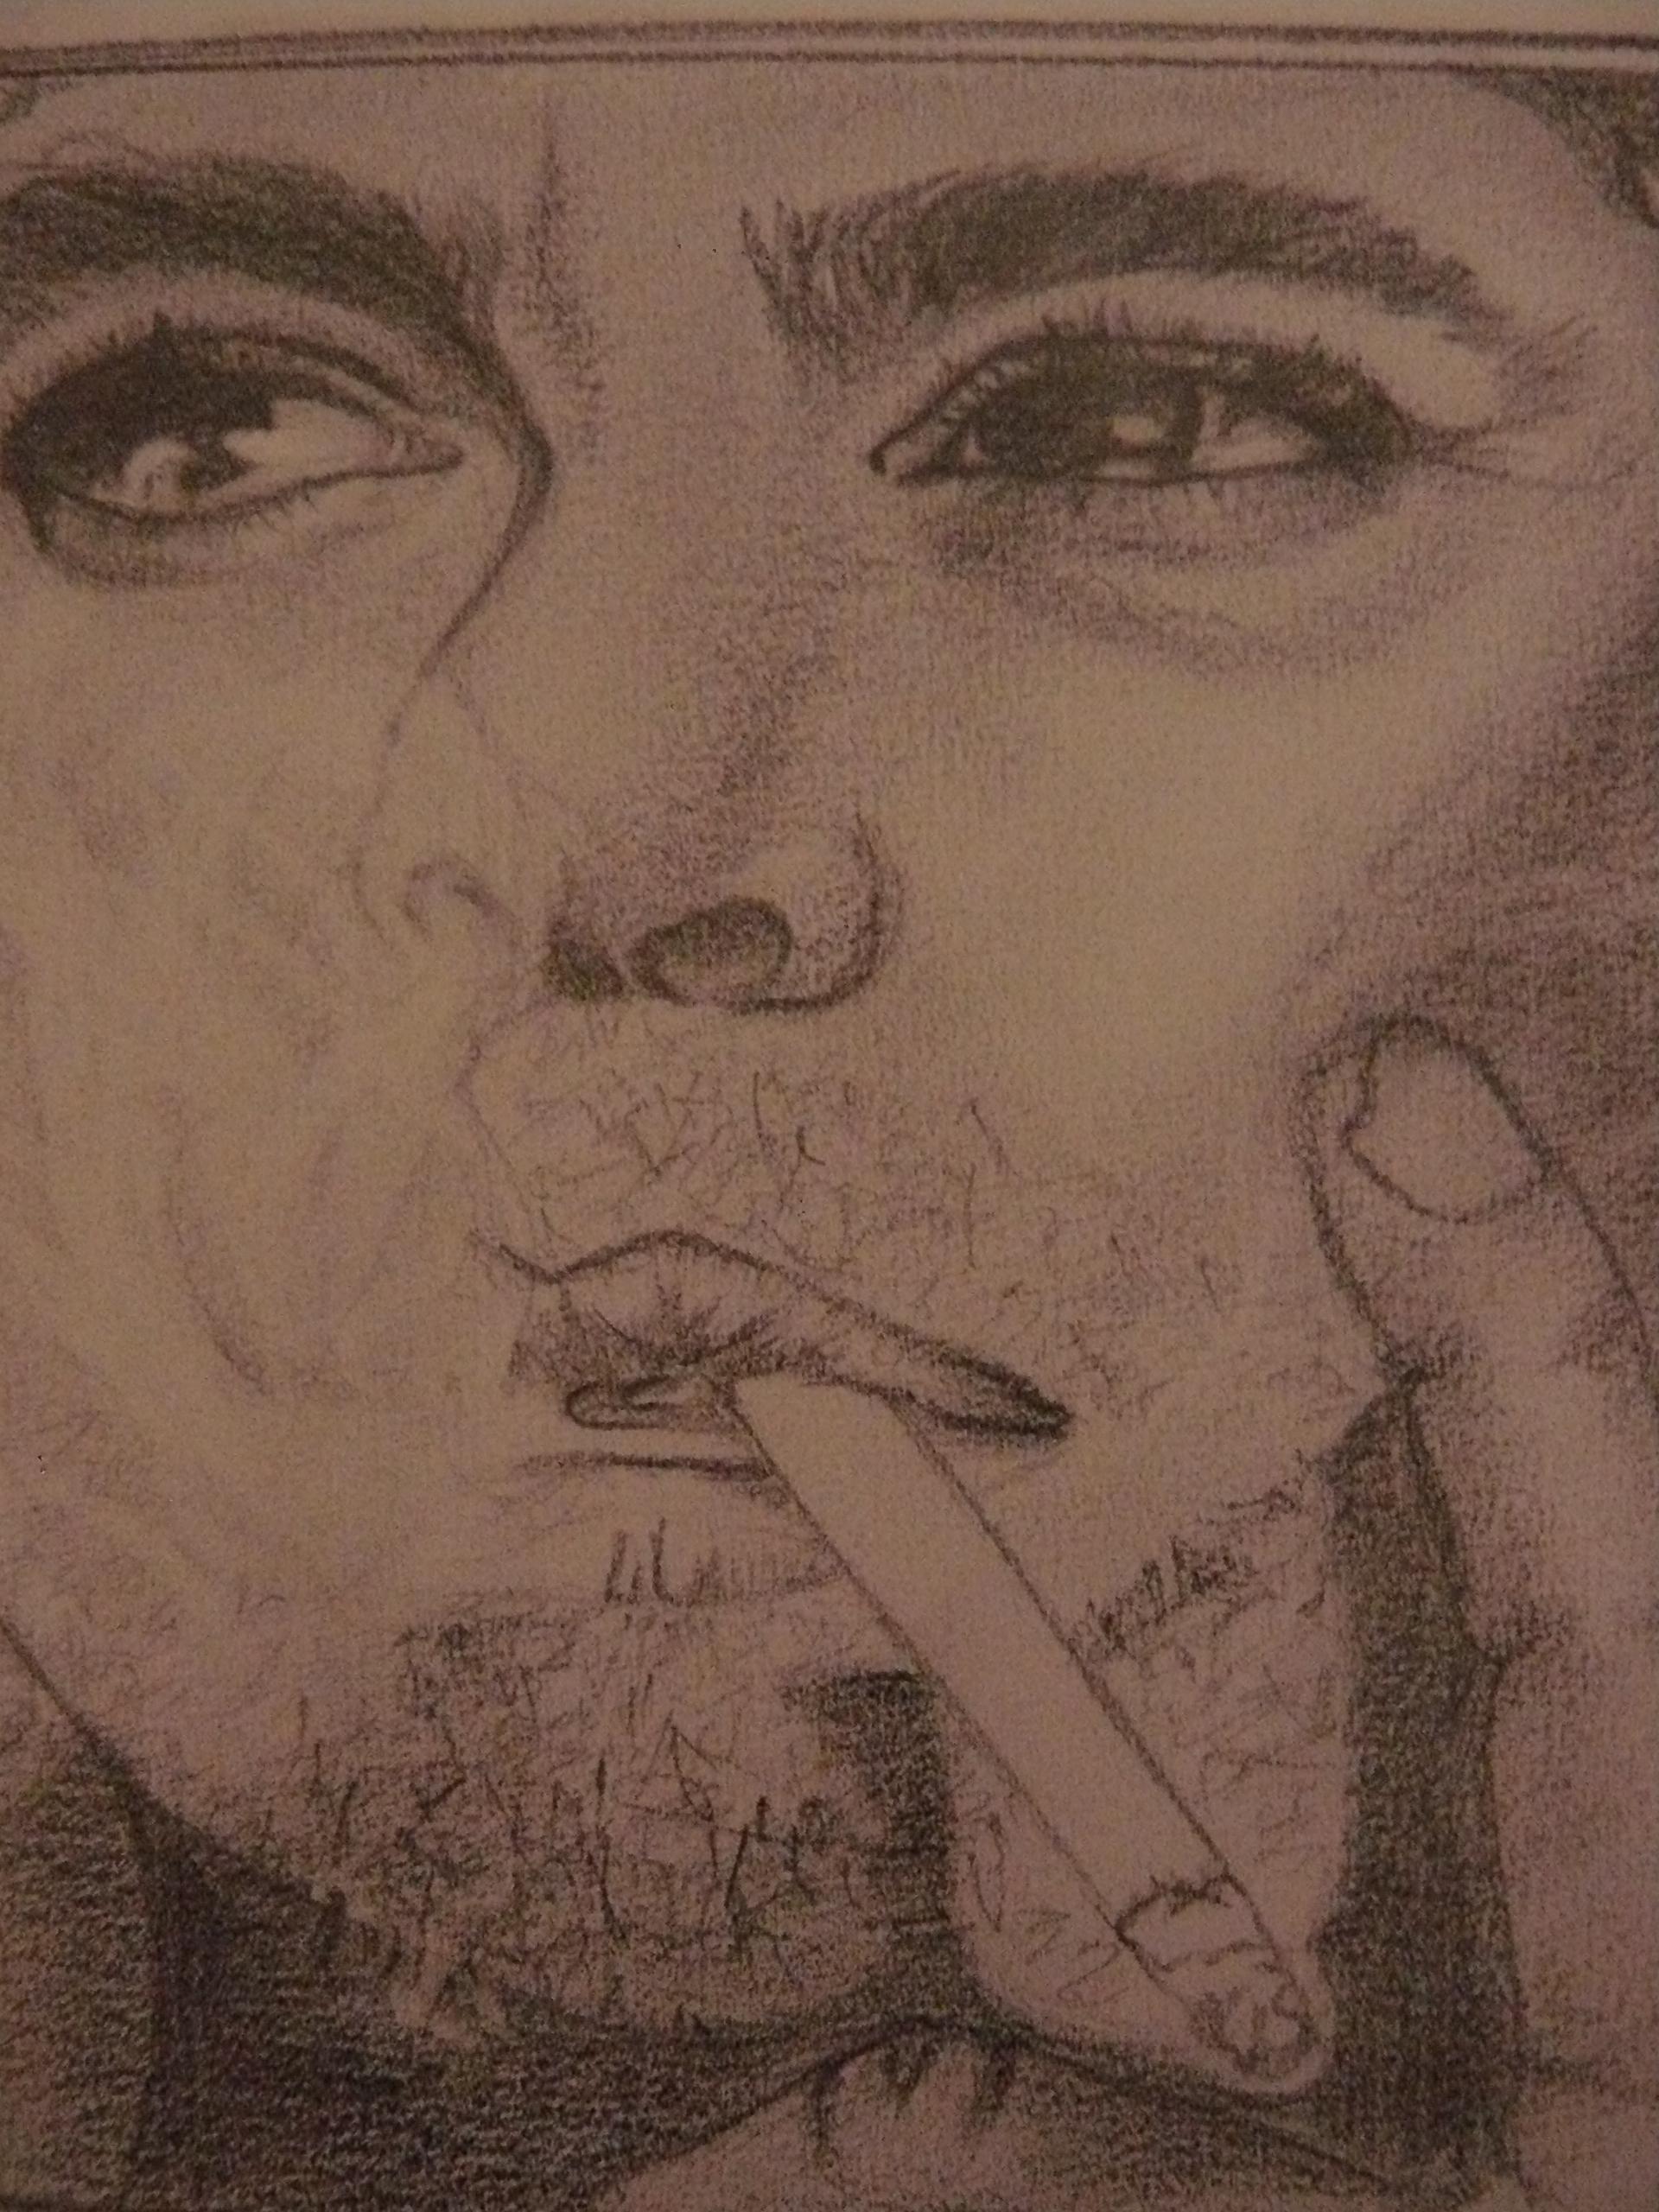 Drawings of Robert